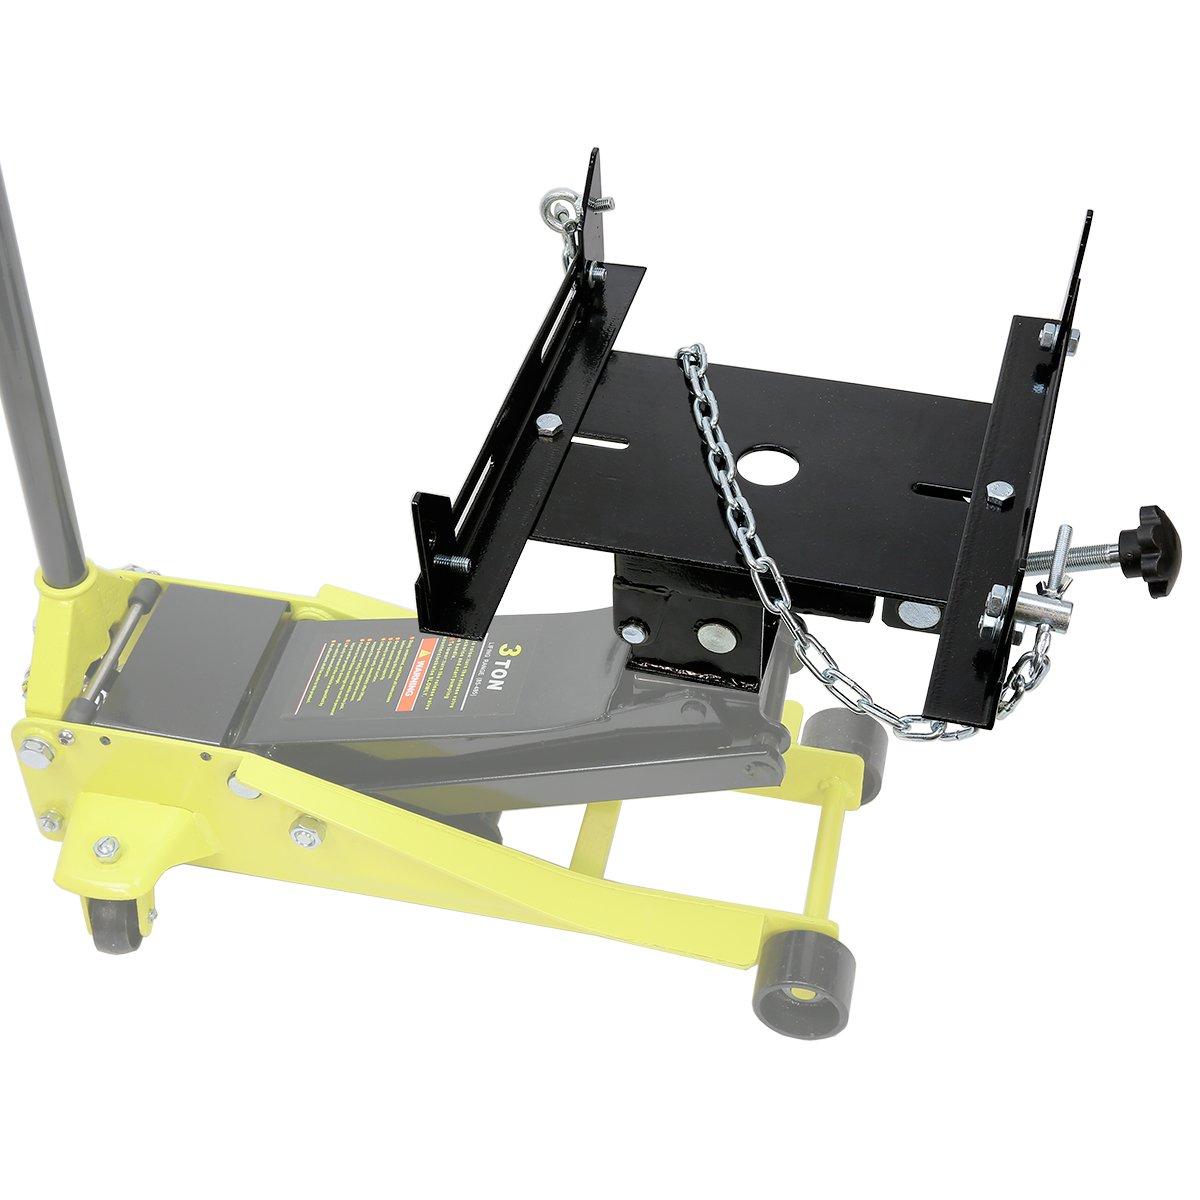 Amazon.com: XtremepowerUS 1/2 Ton Transmission Hydraulic Floor Jack Adapter:  Automotive